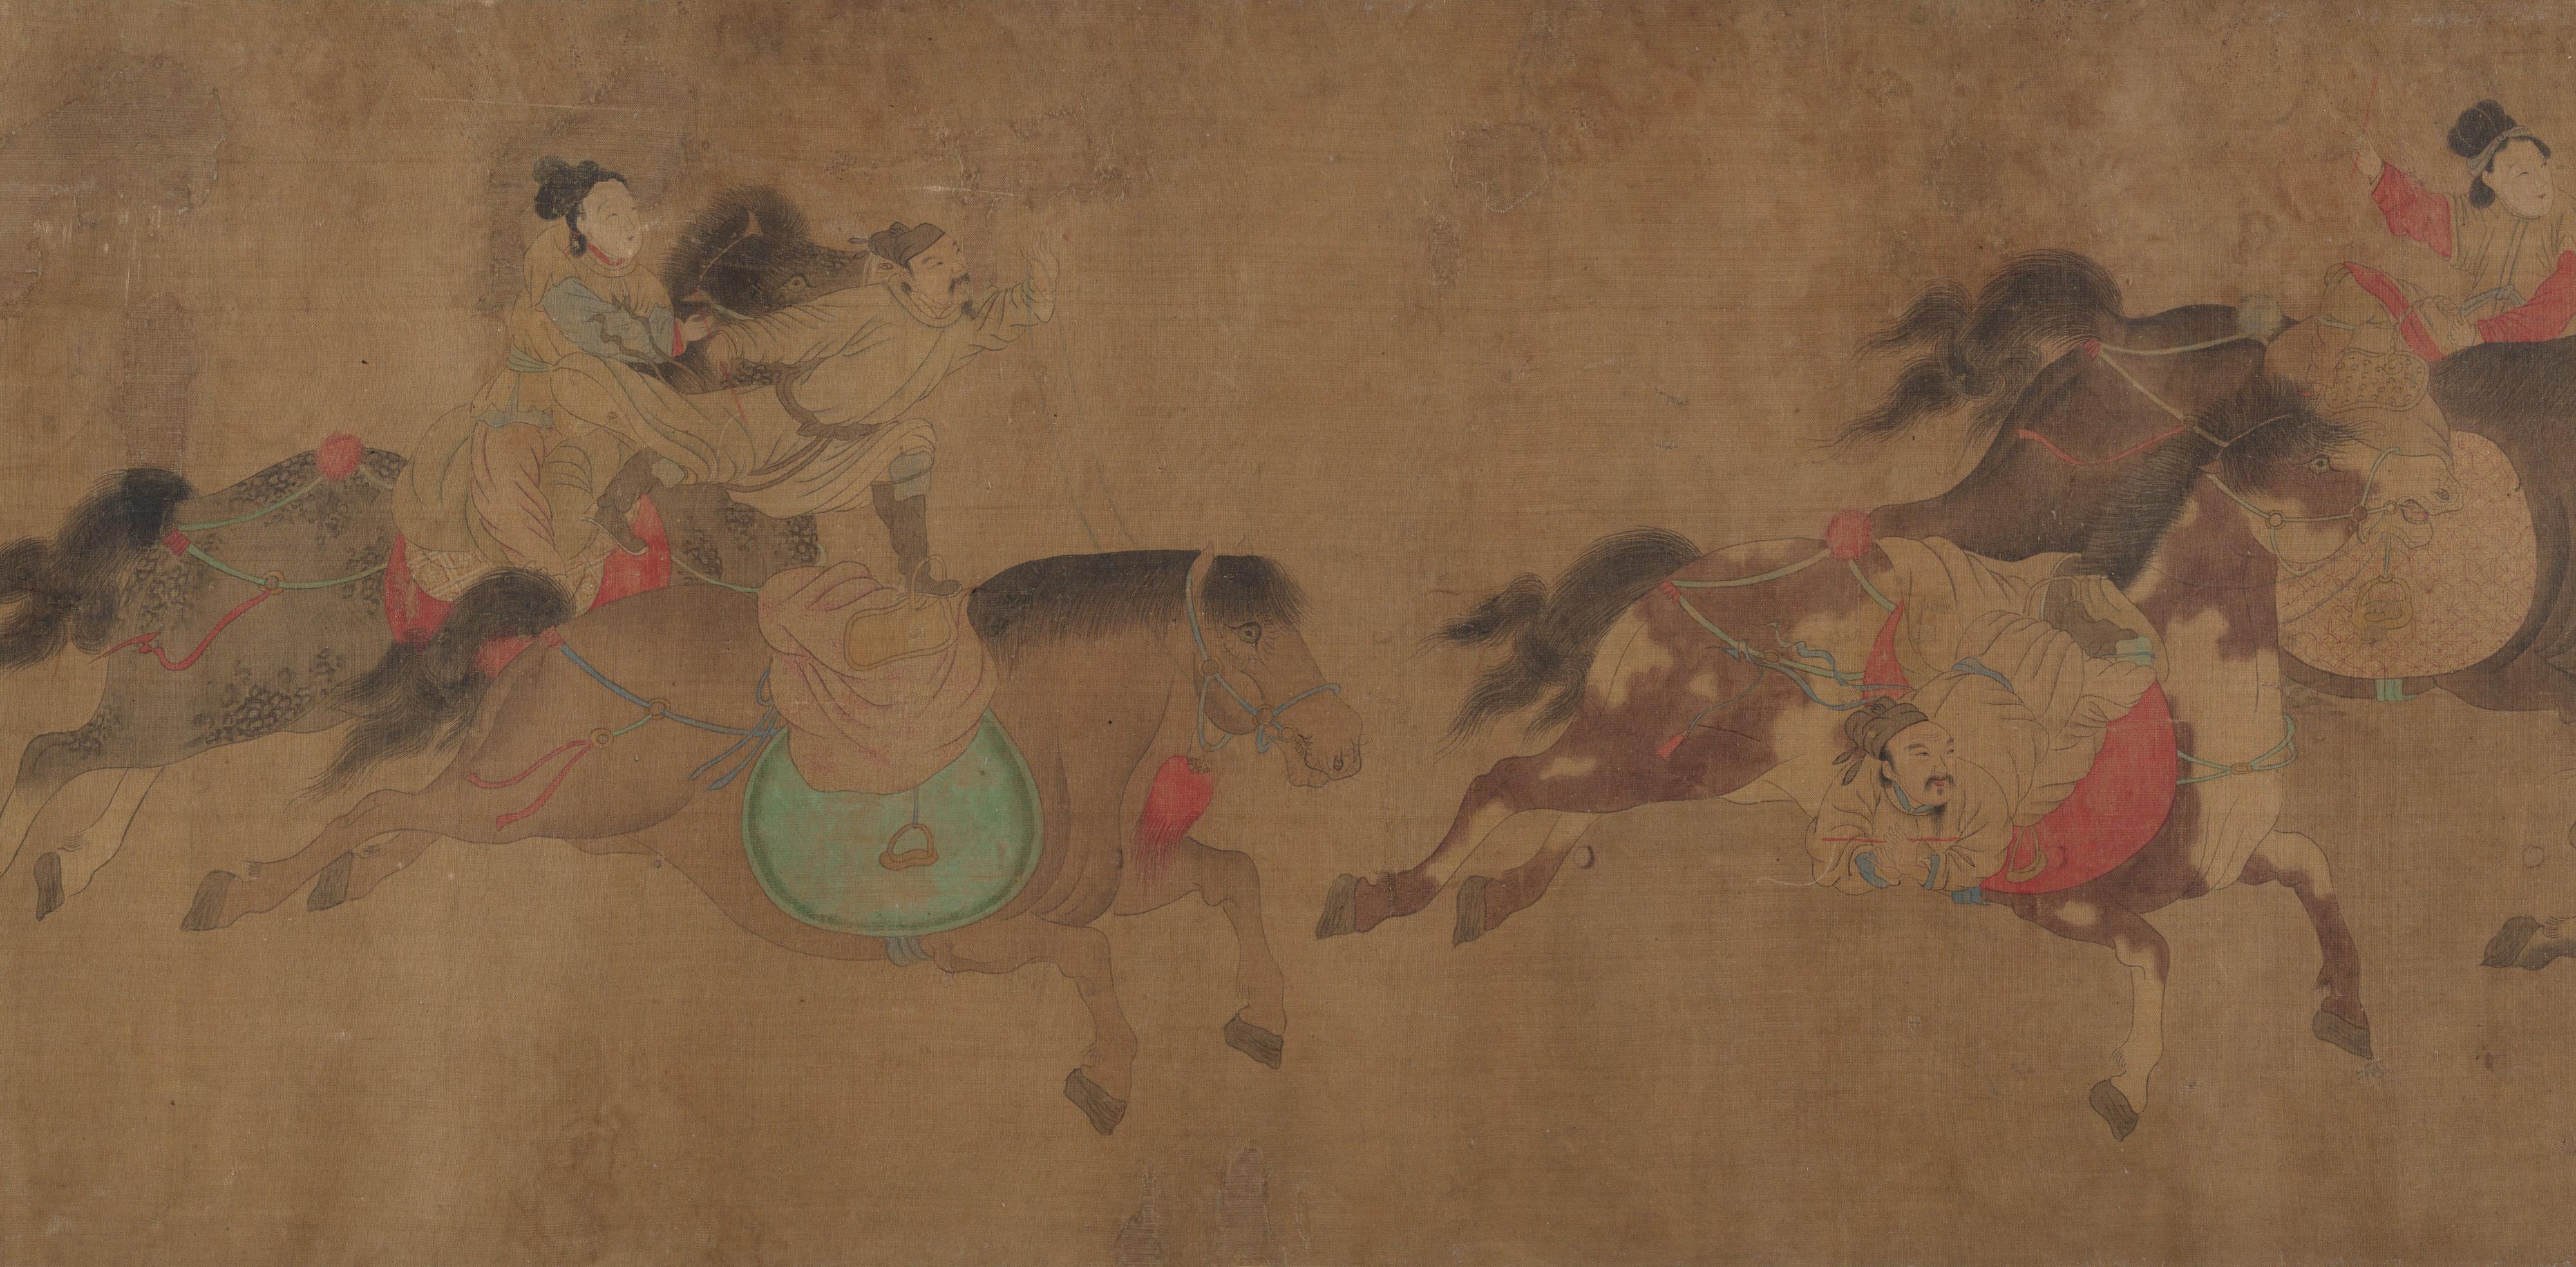 المغول اكتسحوا نصف العالم الإسلامي خلال القرن الثالث عشر الميلادي - ابن القس